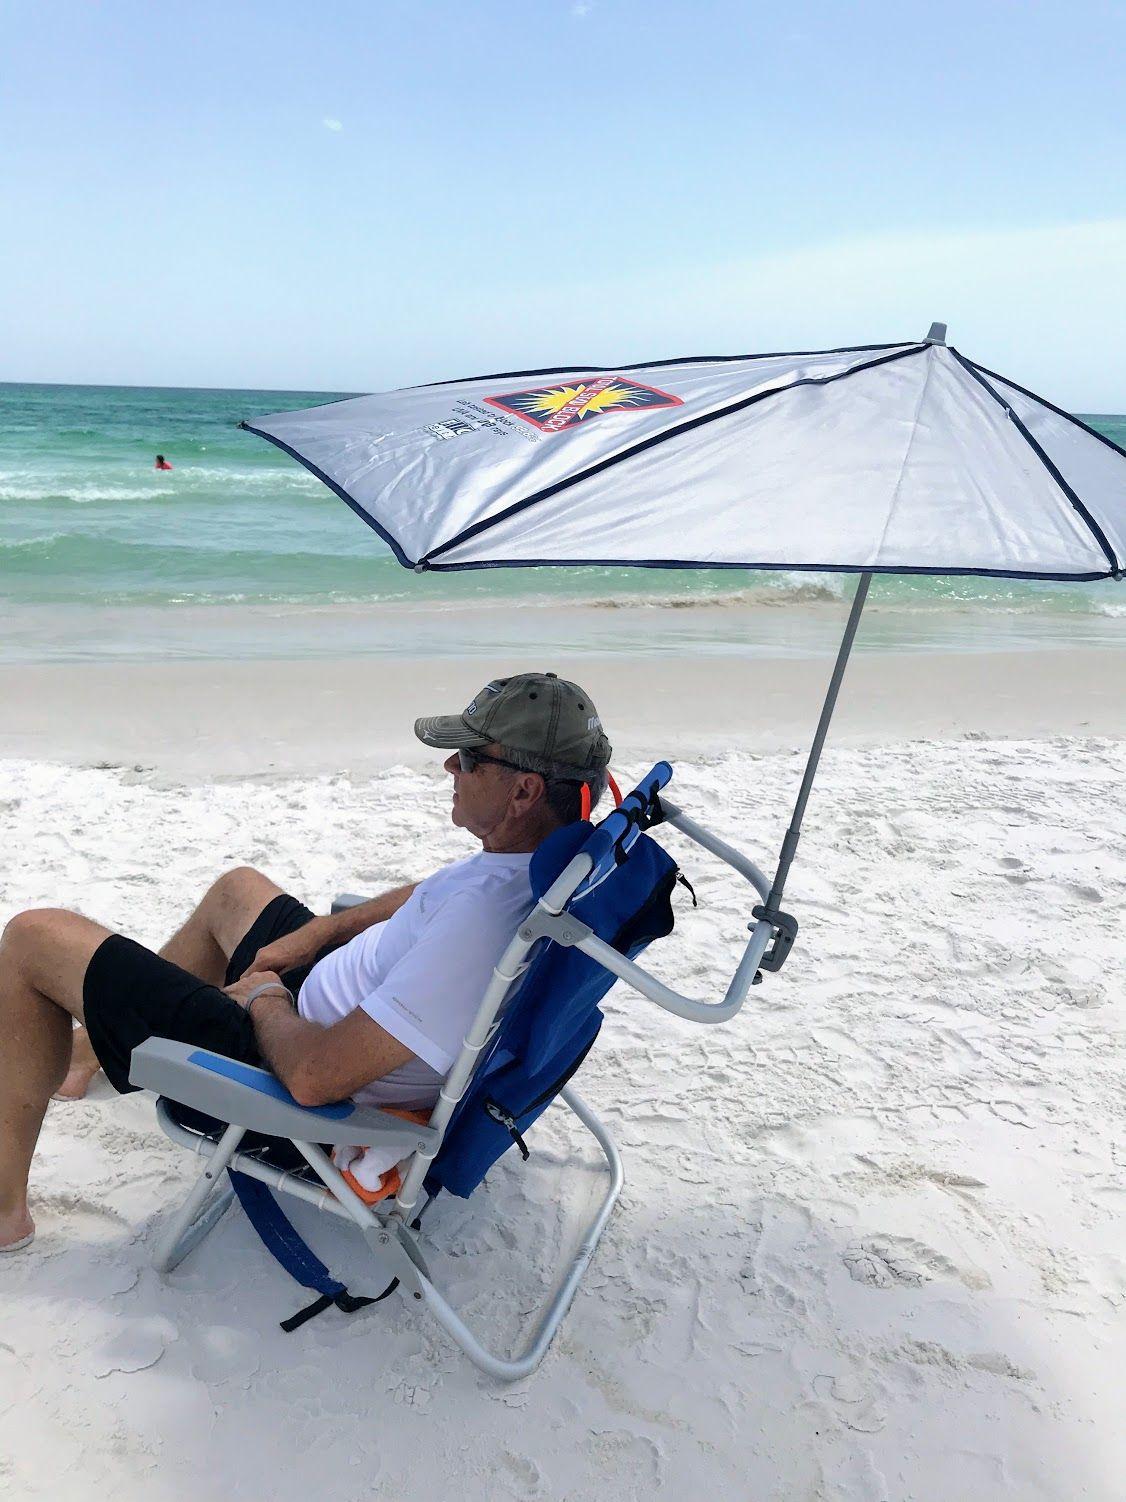 Clamp On Beach Umbrella Beach chair with canopy, Beach